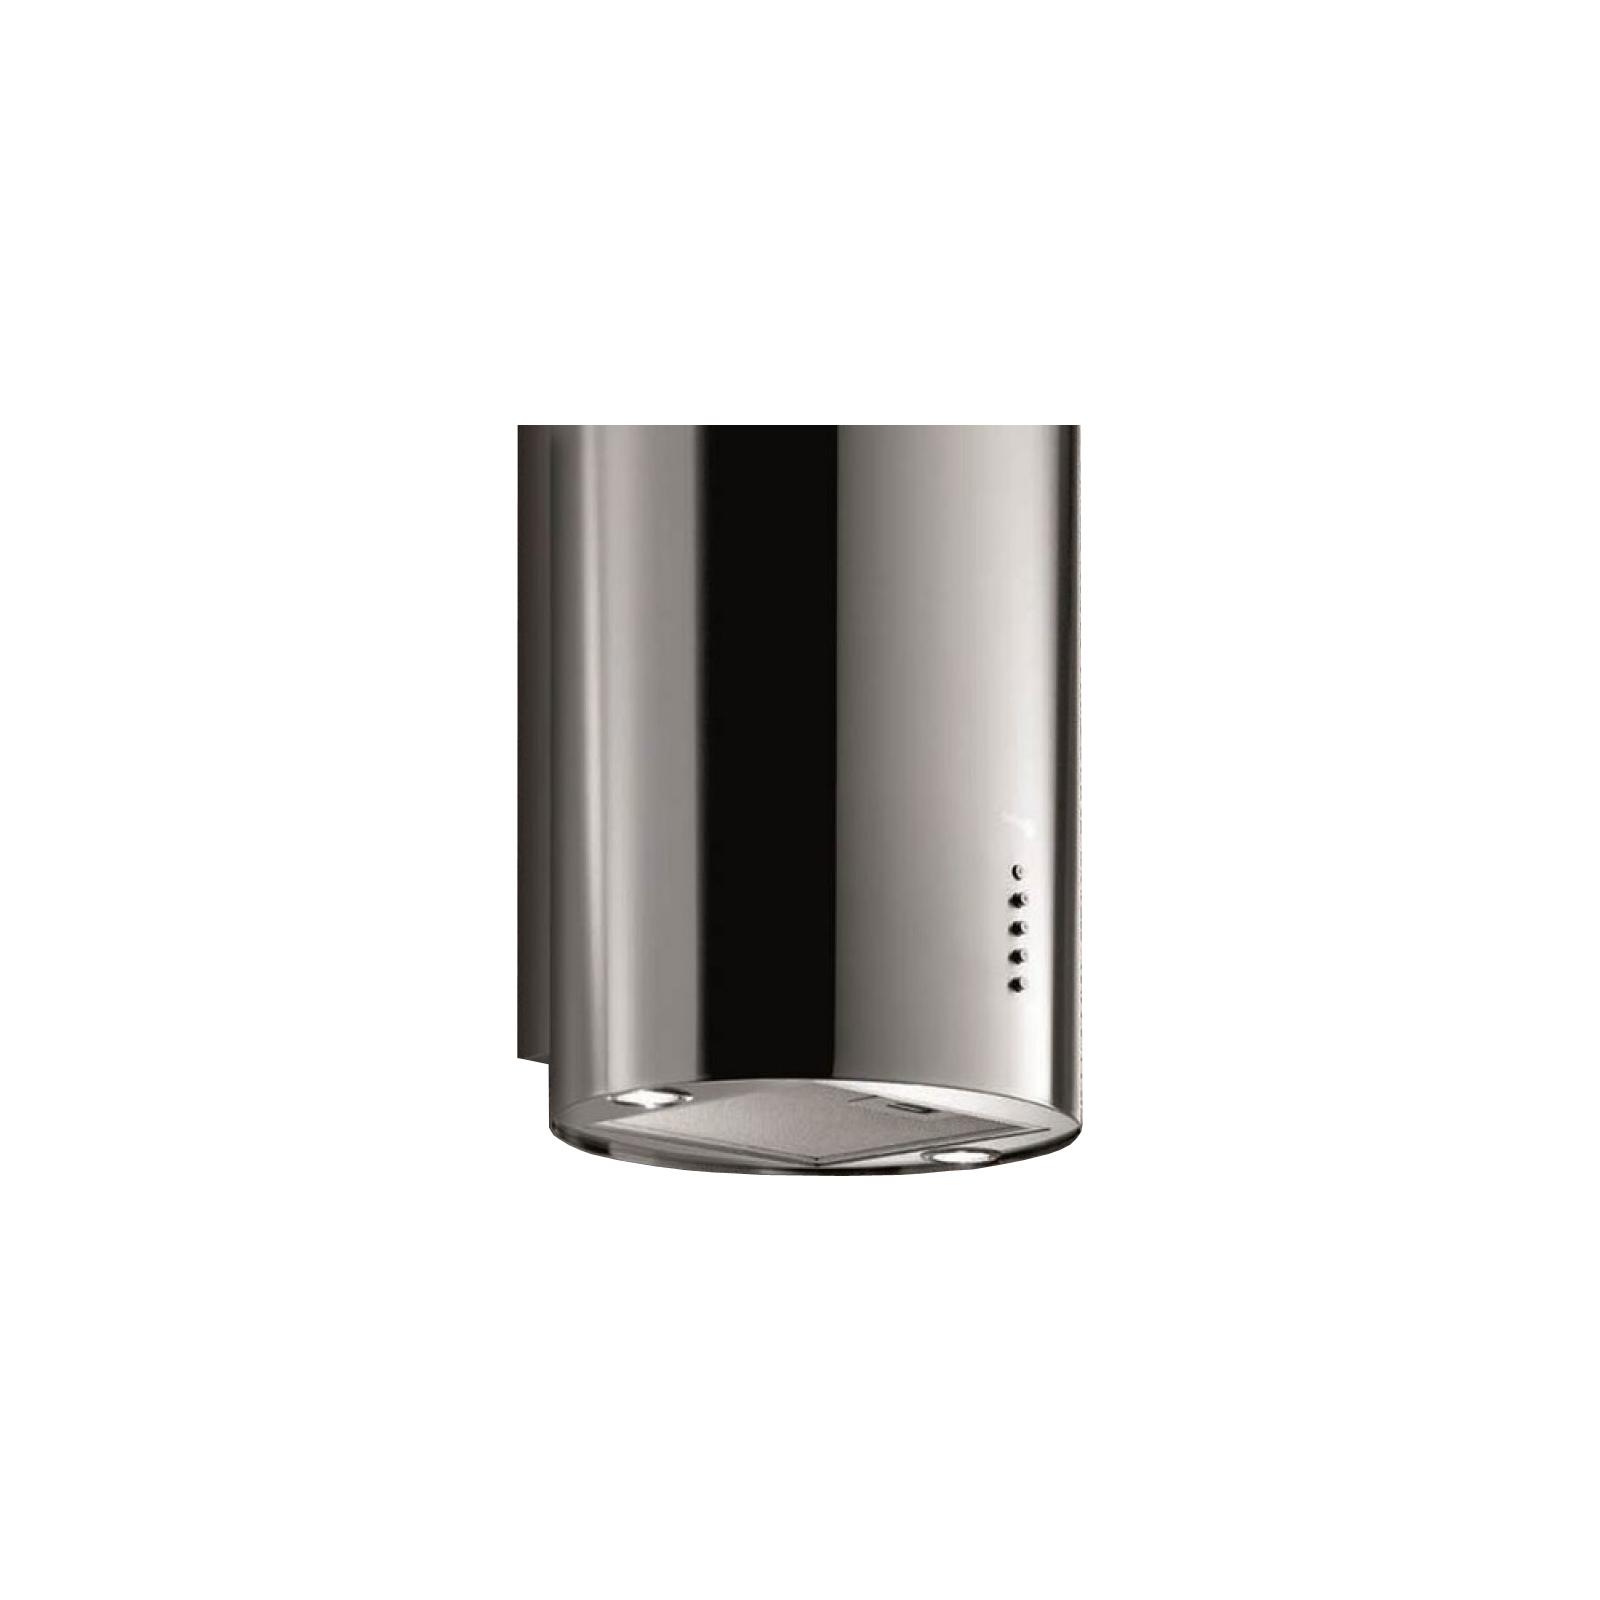 Вытяжка кухонная ELICA TUBE PRO IX/A/43